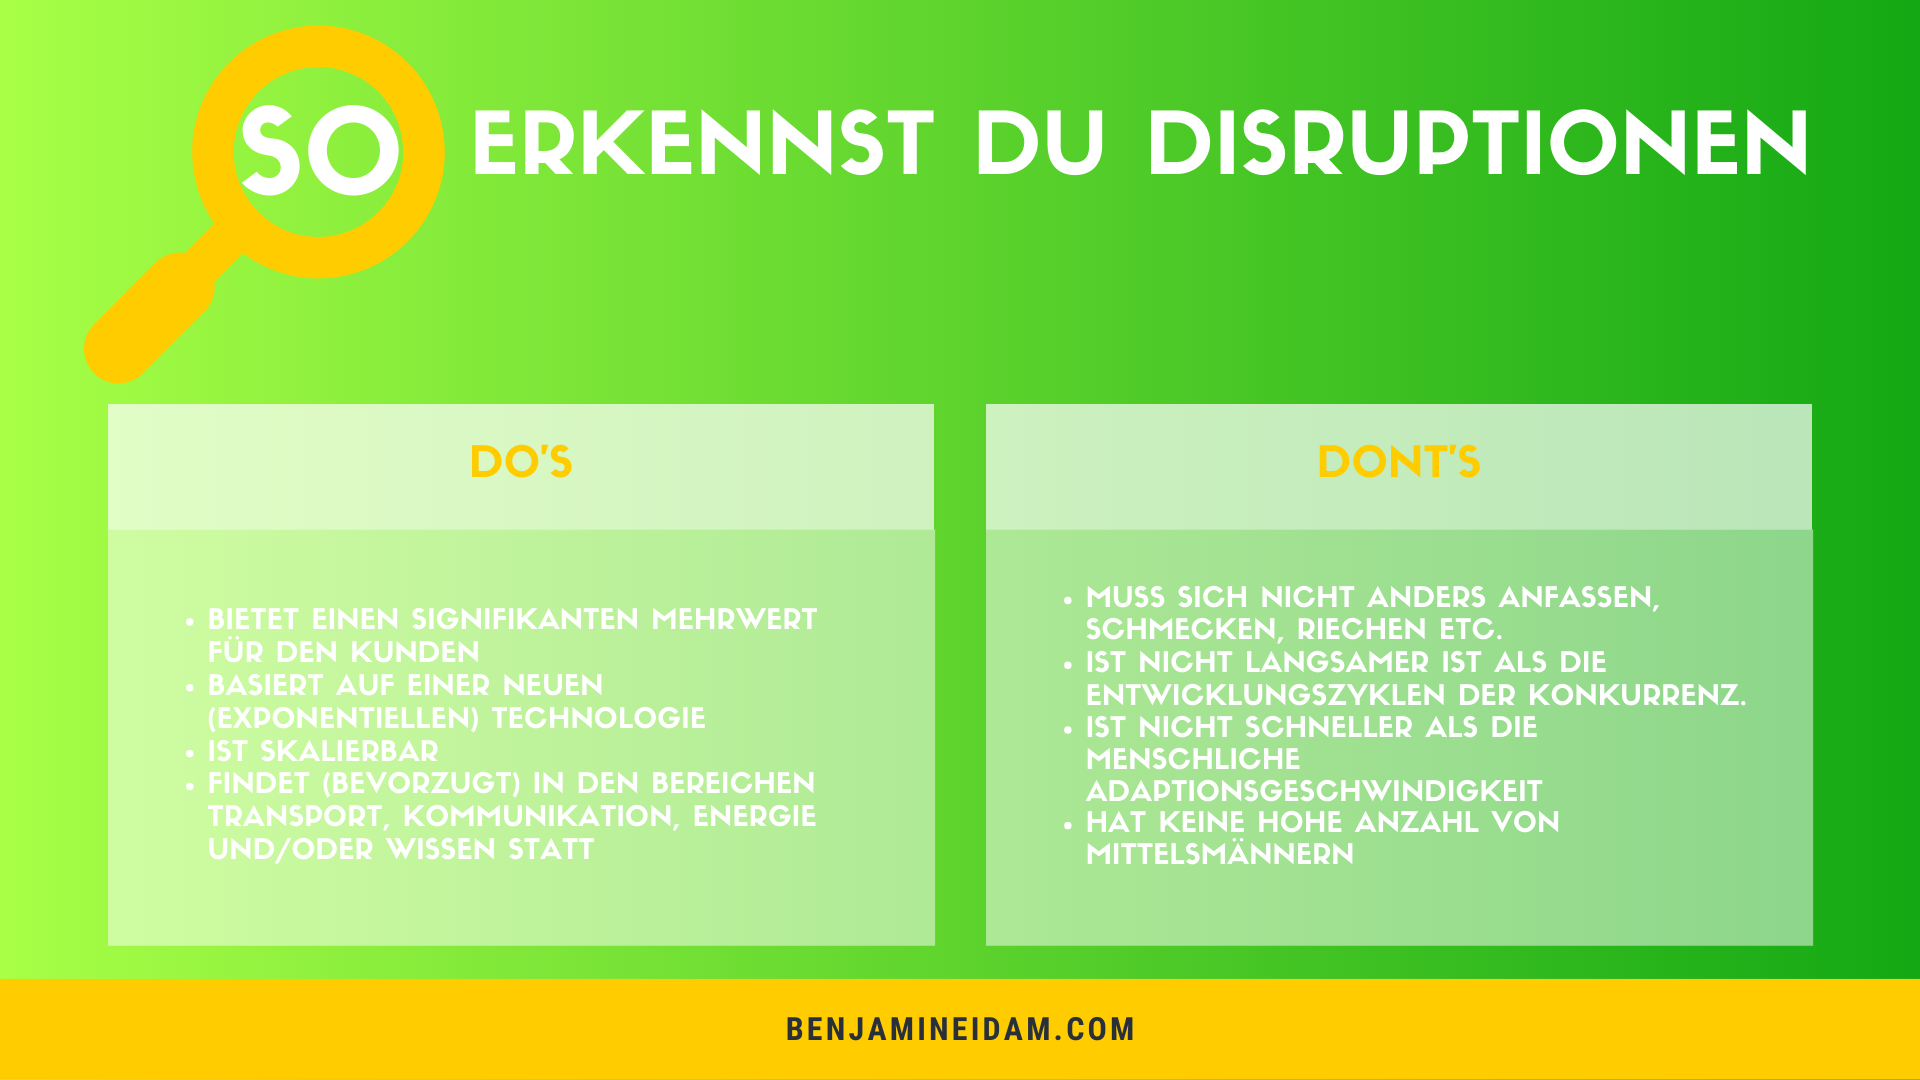 Disruption - So erkennst du Disruptionen